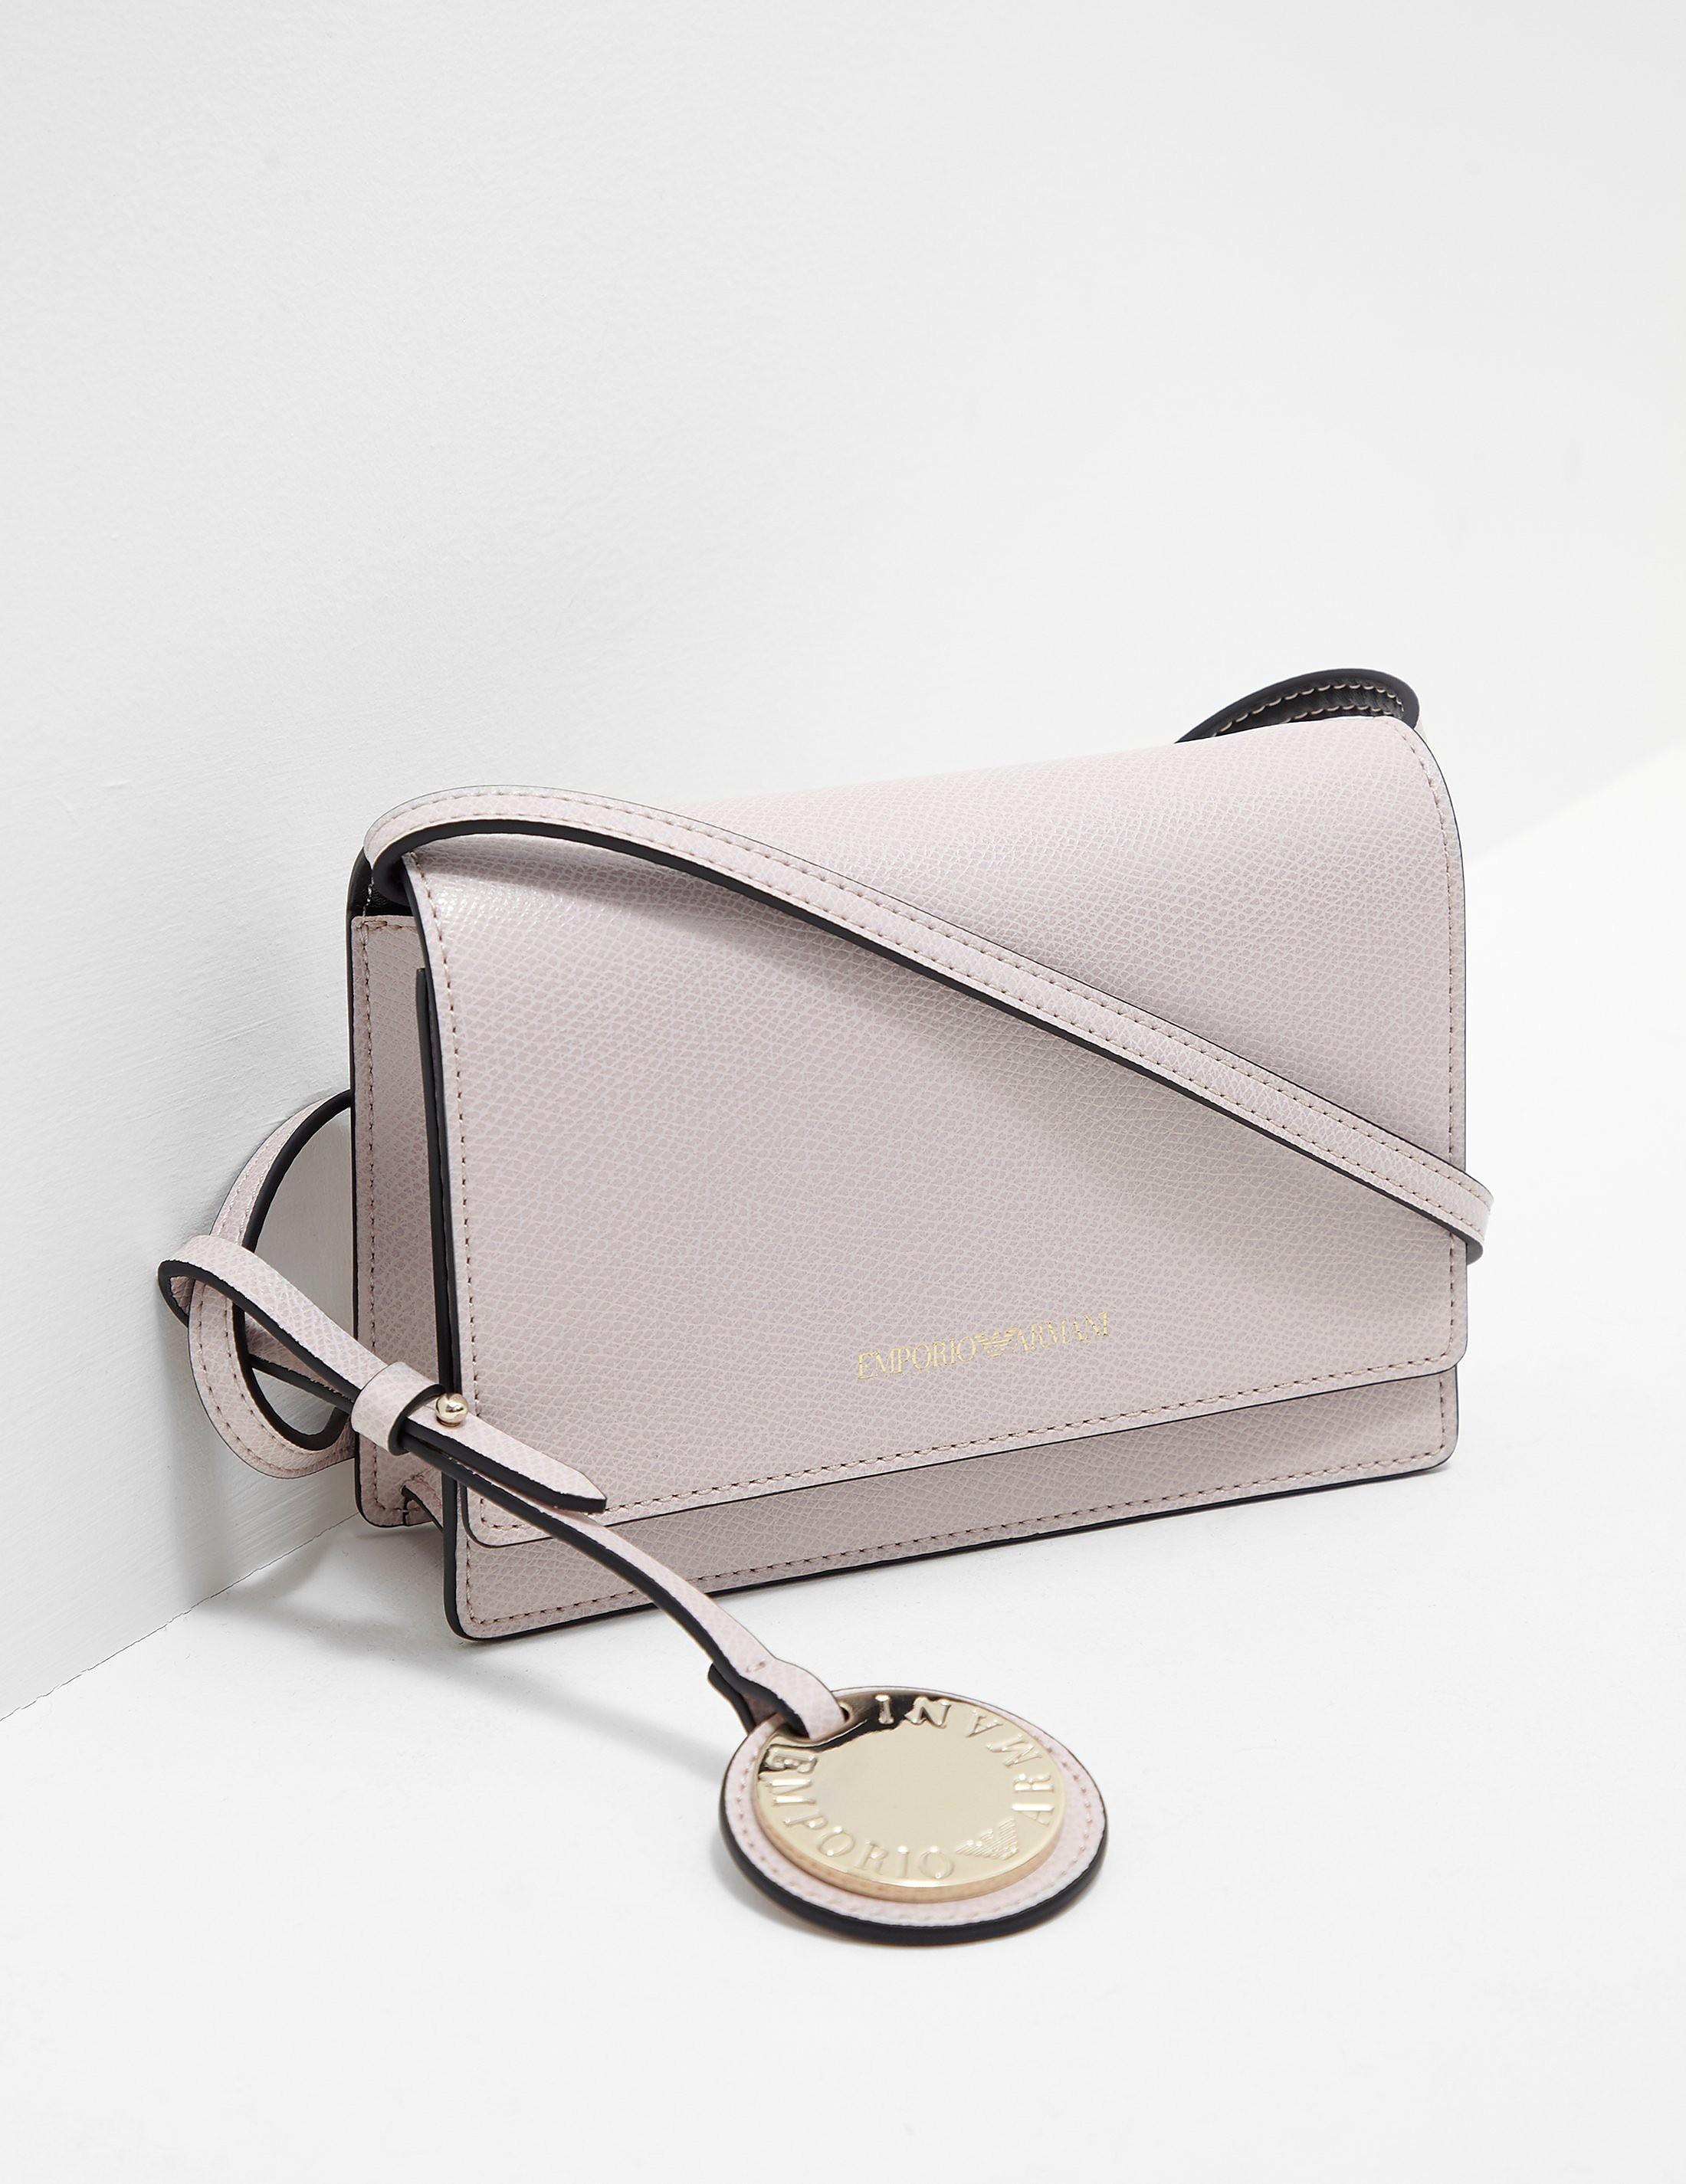 Emporio Armani Borsa Crossbody Bag